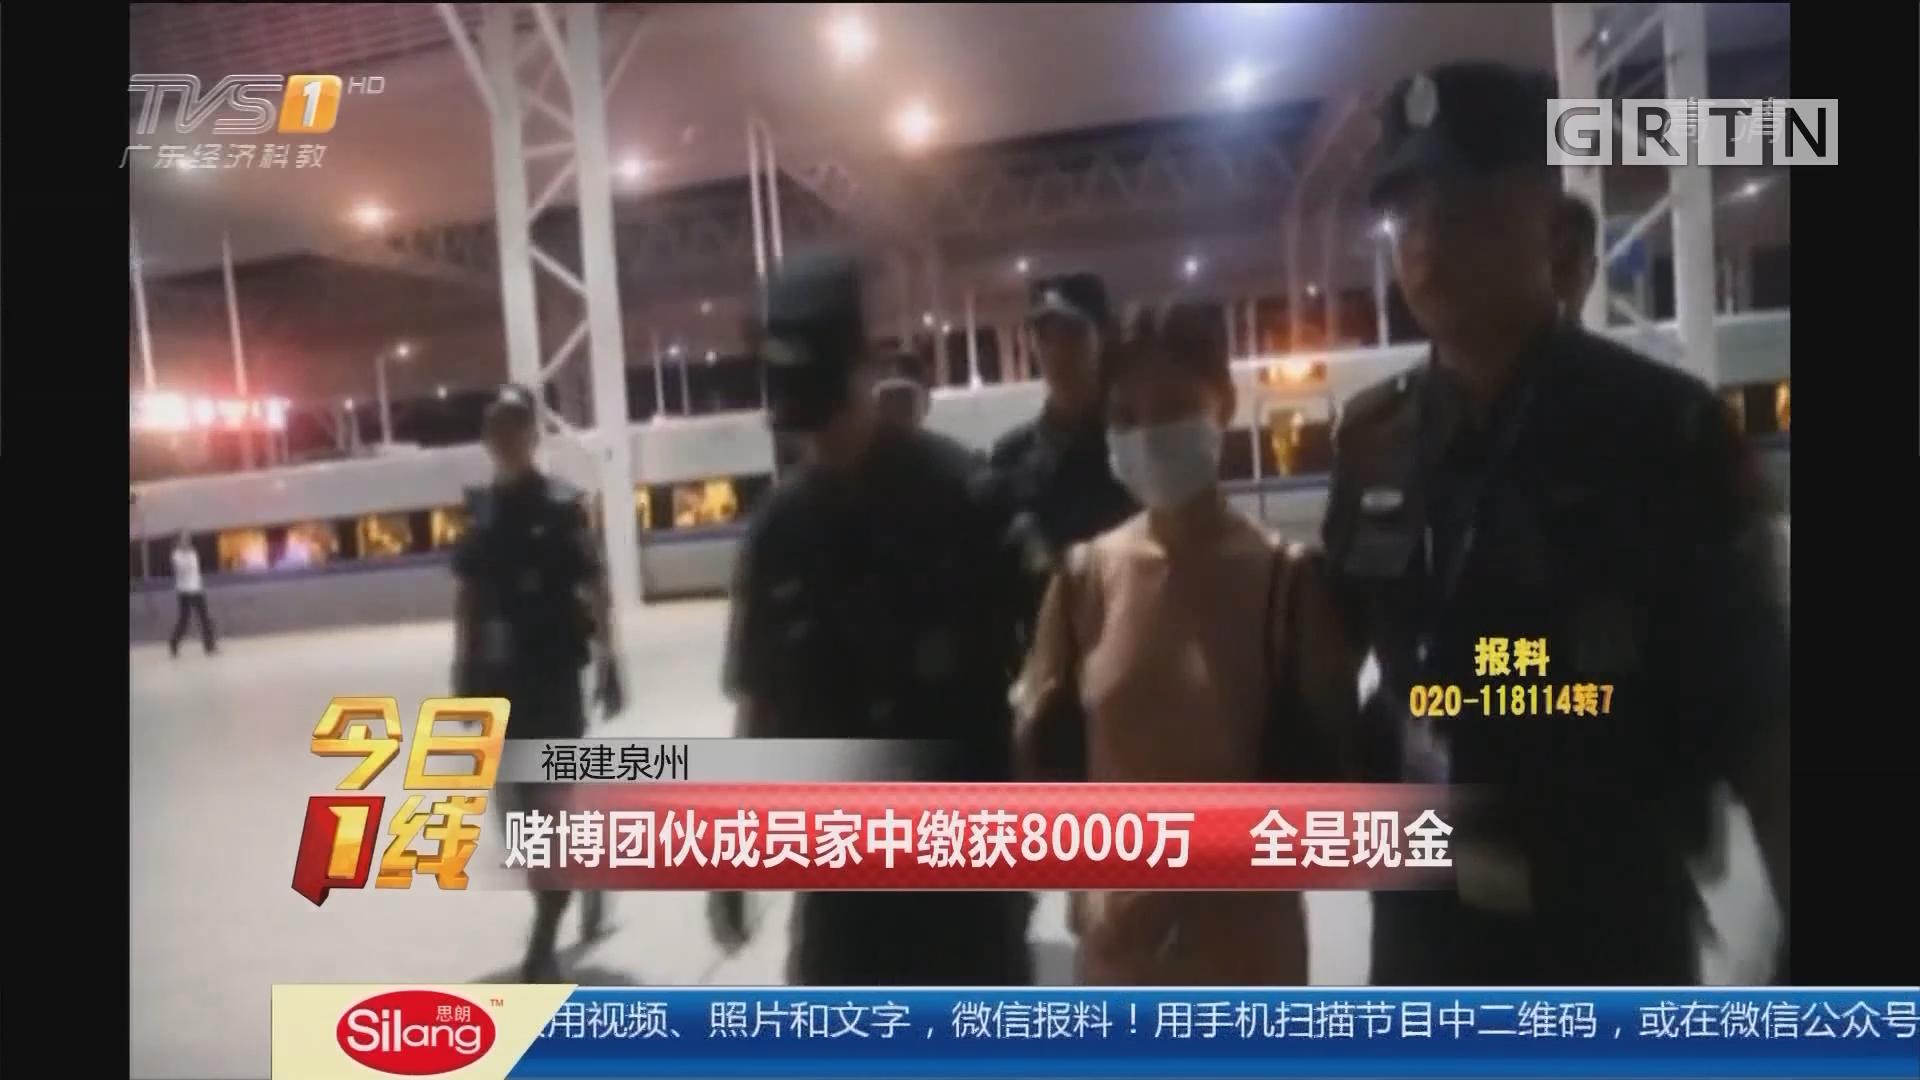 福建泉州:赌博团伙成员家中缴获8000万 全是现金